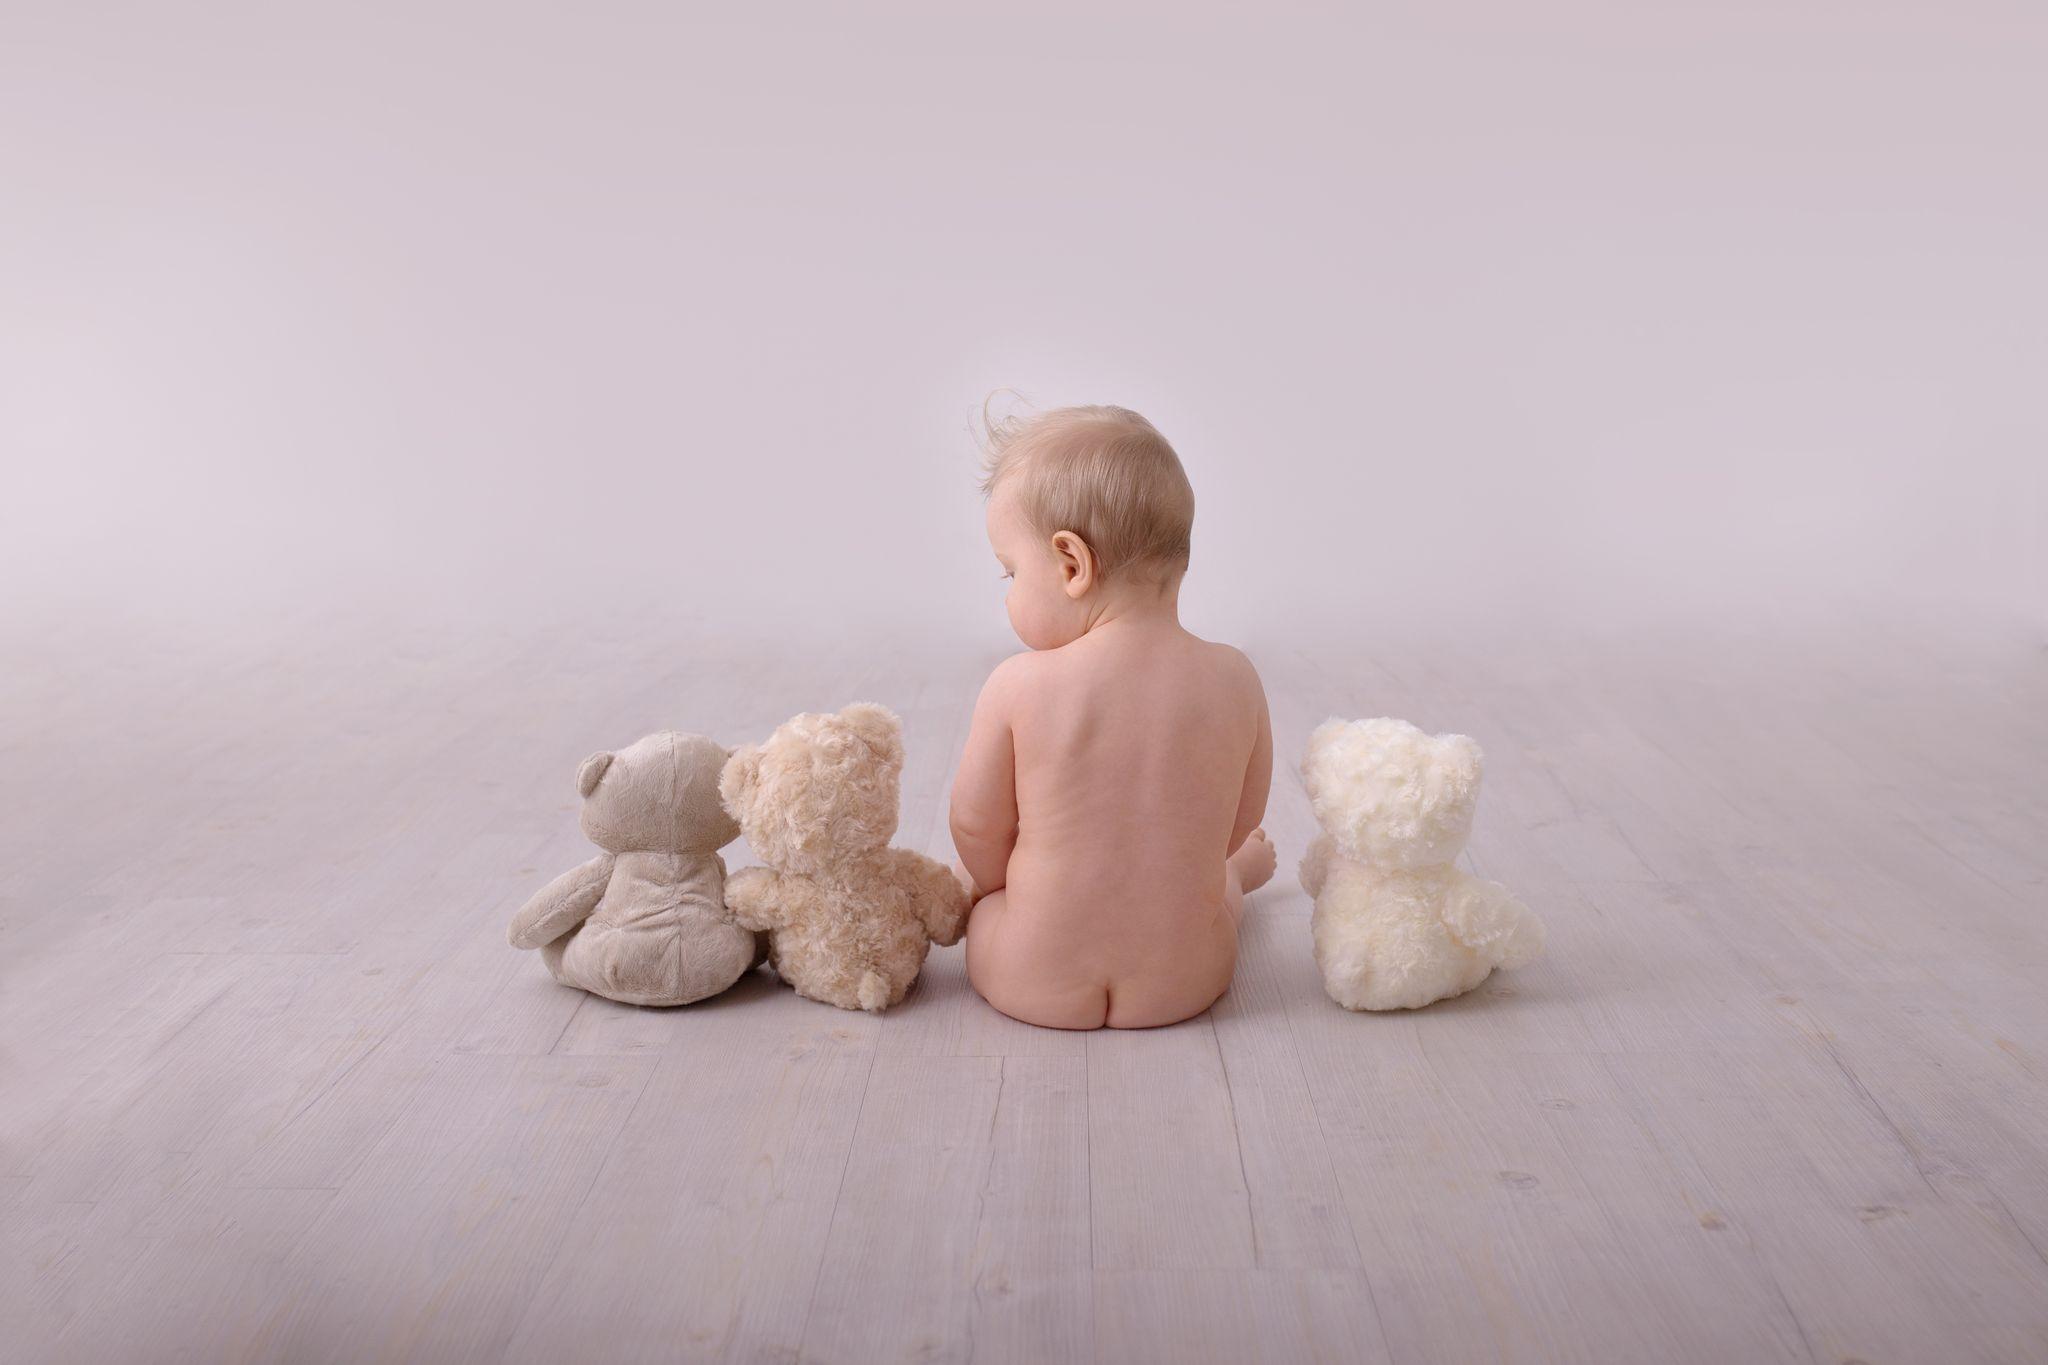 Treueprogram Wiederempfehlung family club Meilensteinfotos mit Baby und Familie